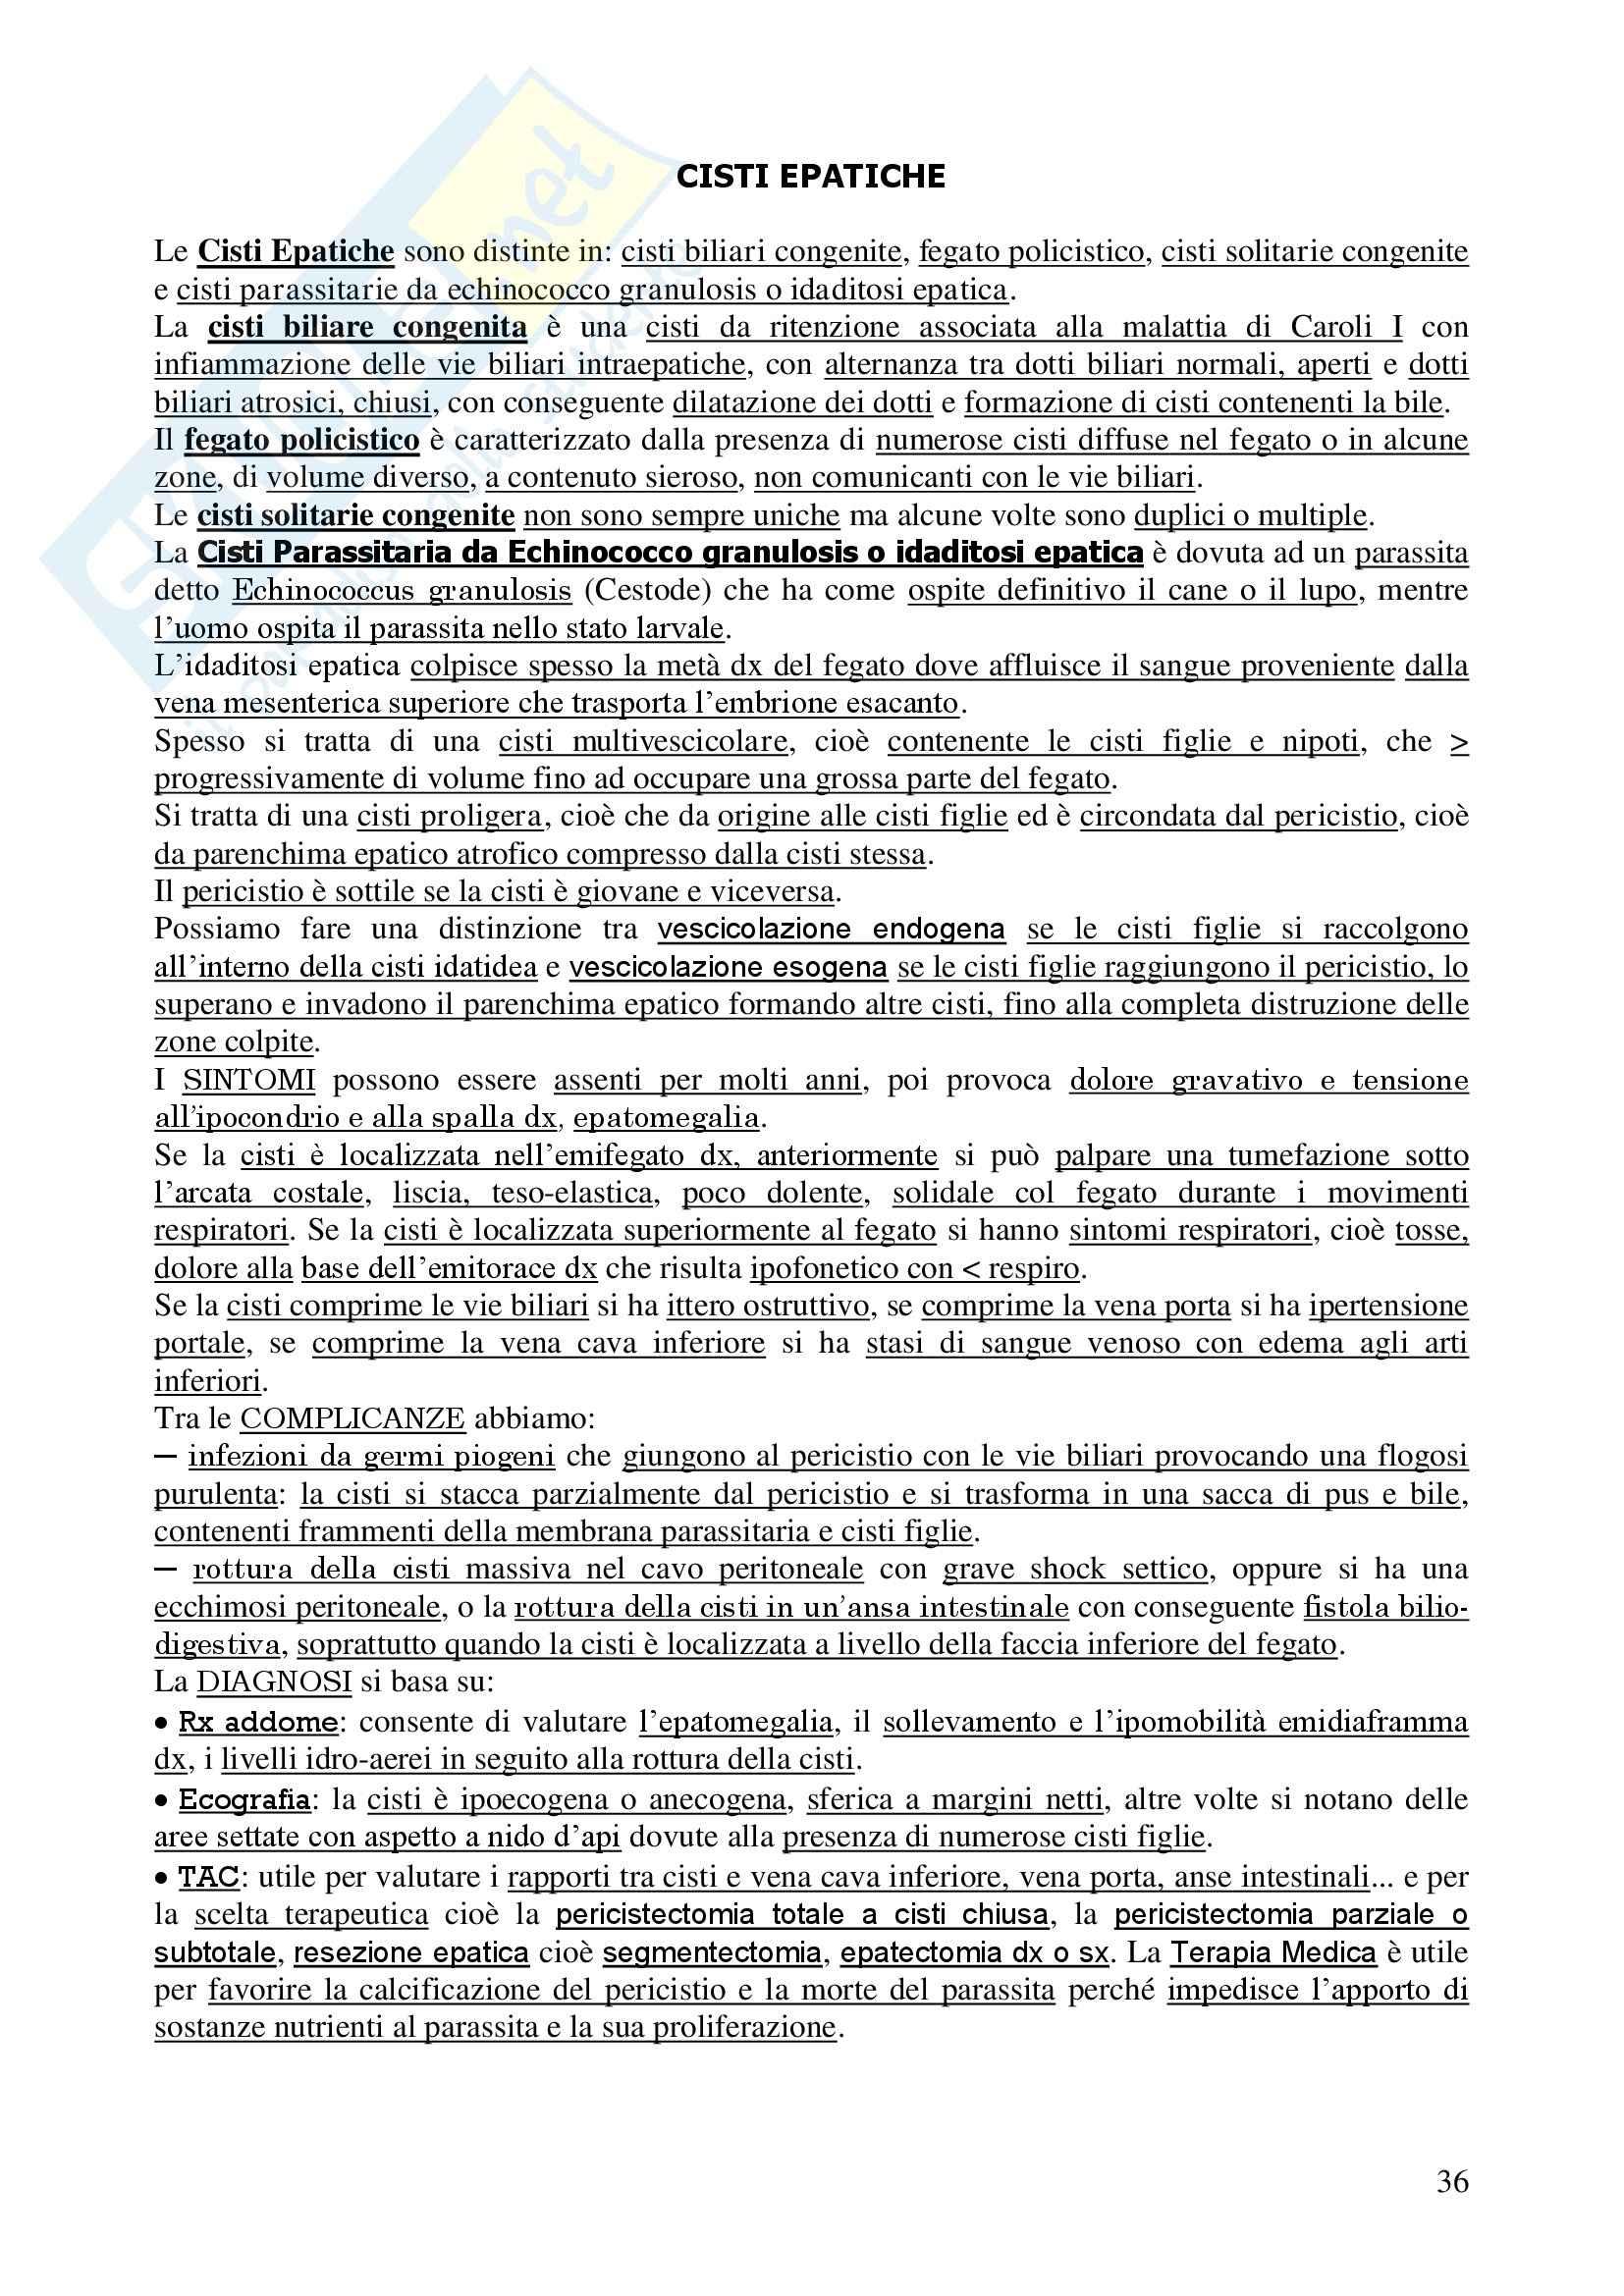 Chirurgia - chirurgia generale - Appunti Pag. 36